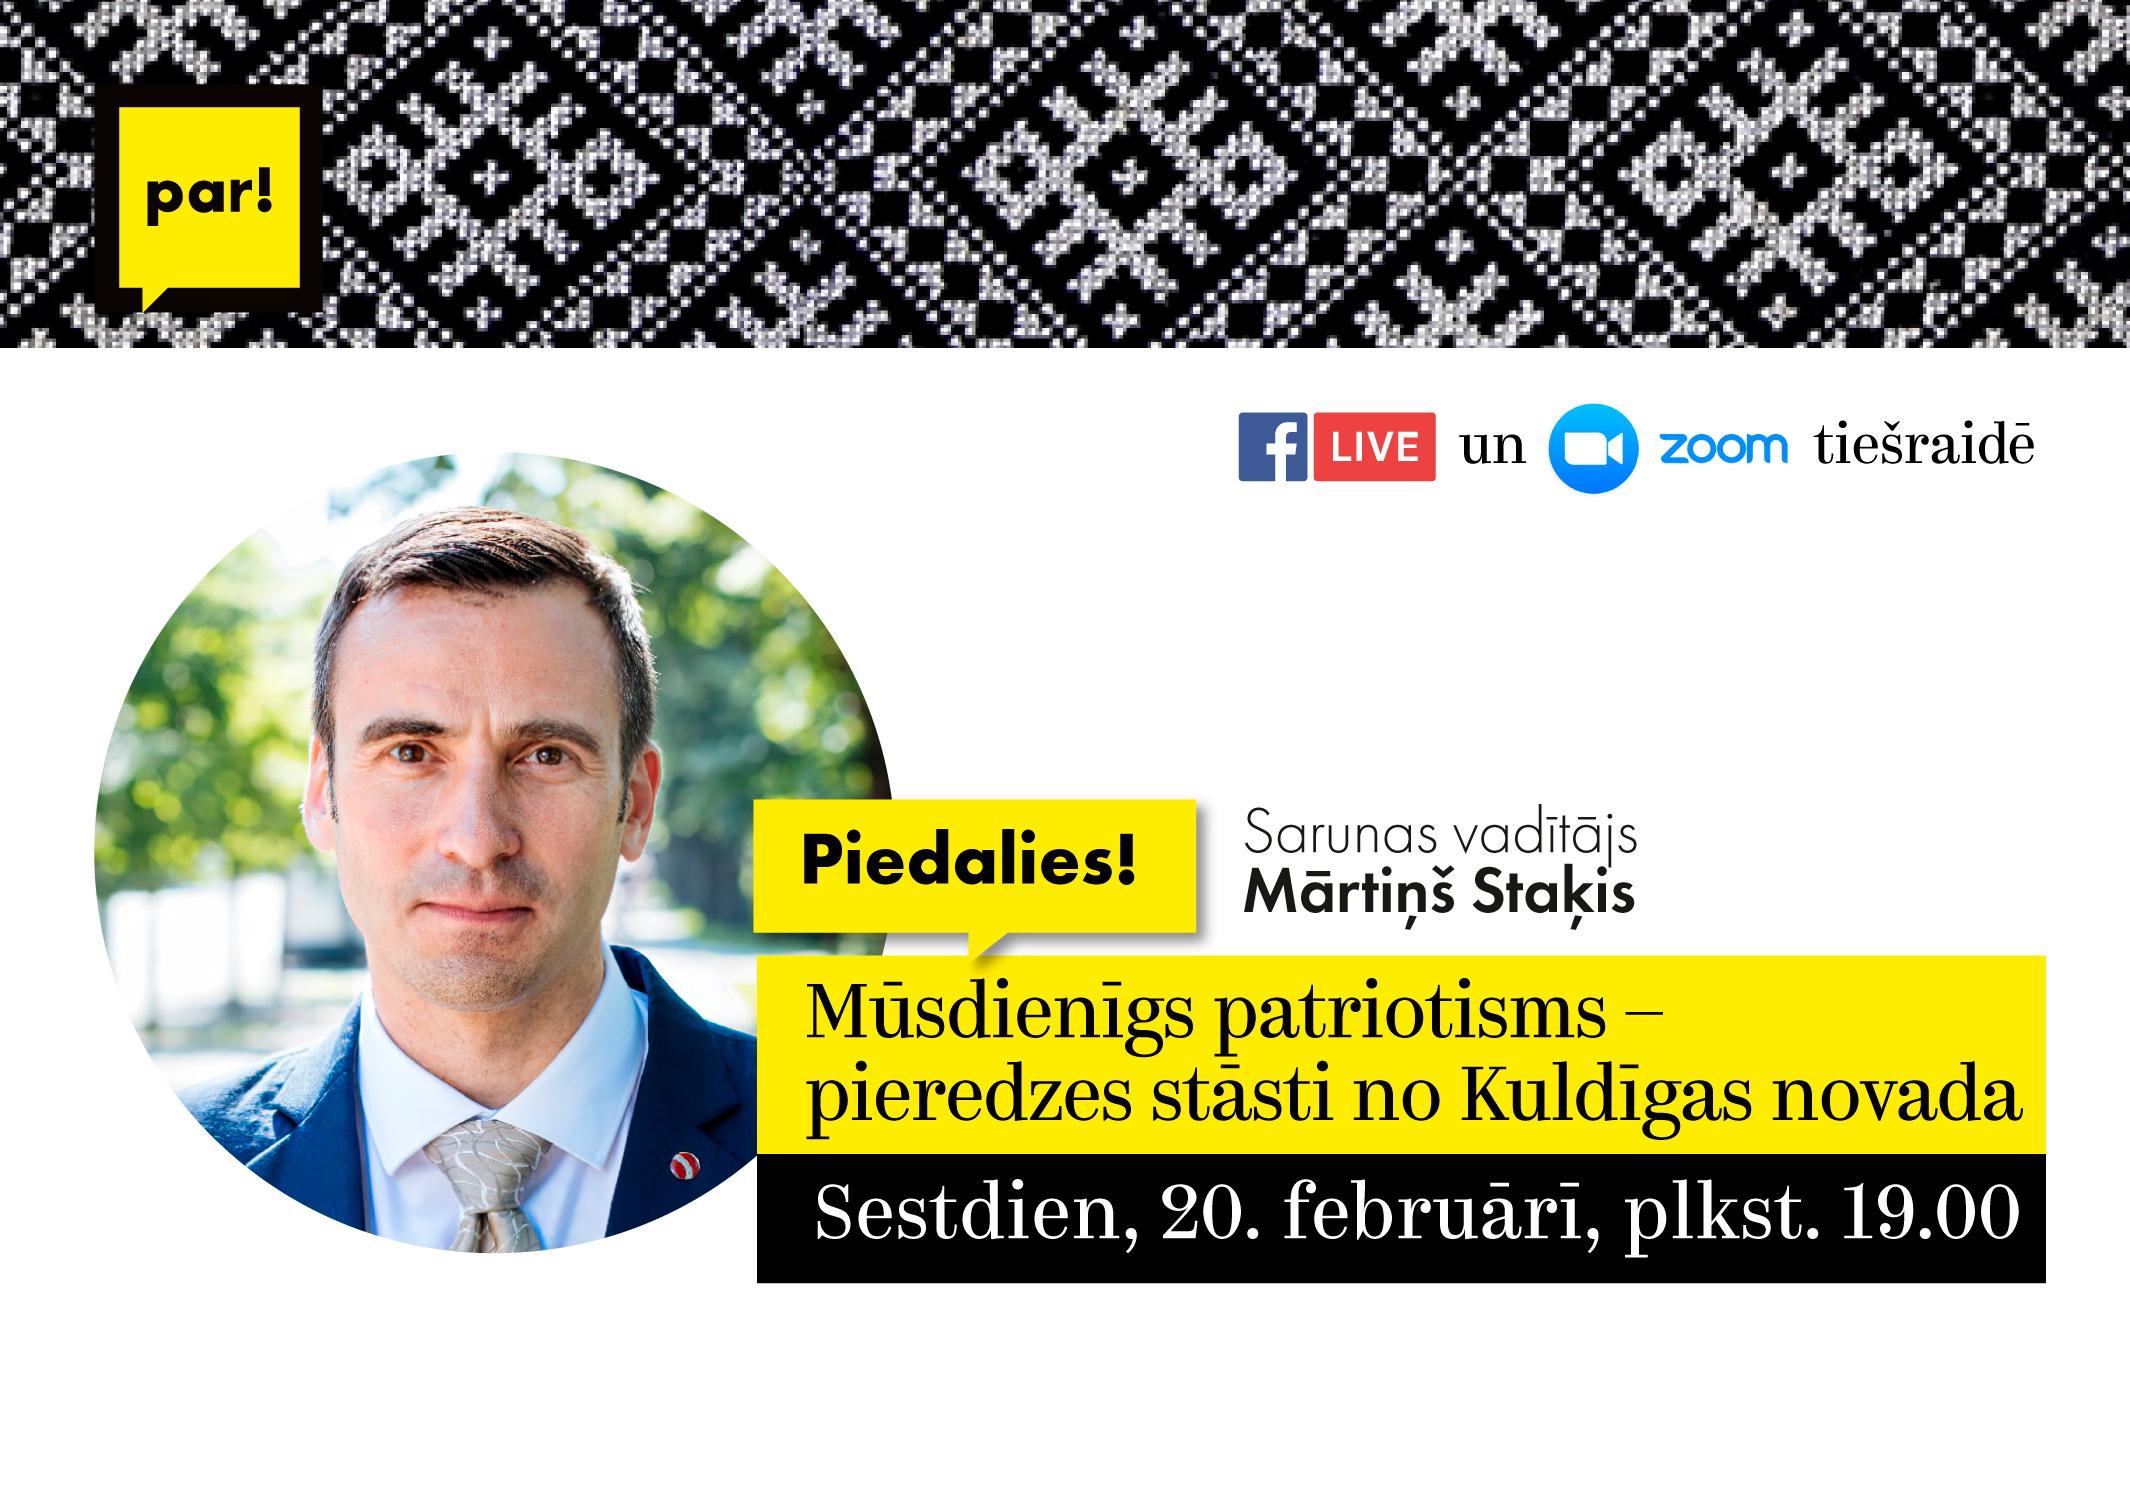 """Kustība """"Par!"""" un Mārtiņš Staķis aicina uz sarunu par mūsdienīgu patriotismu"""